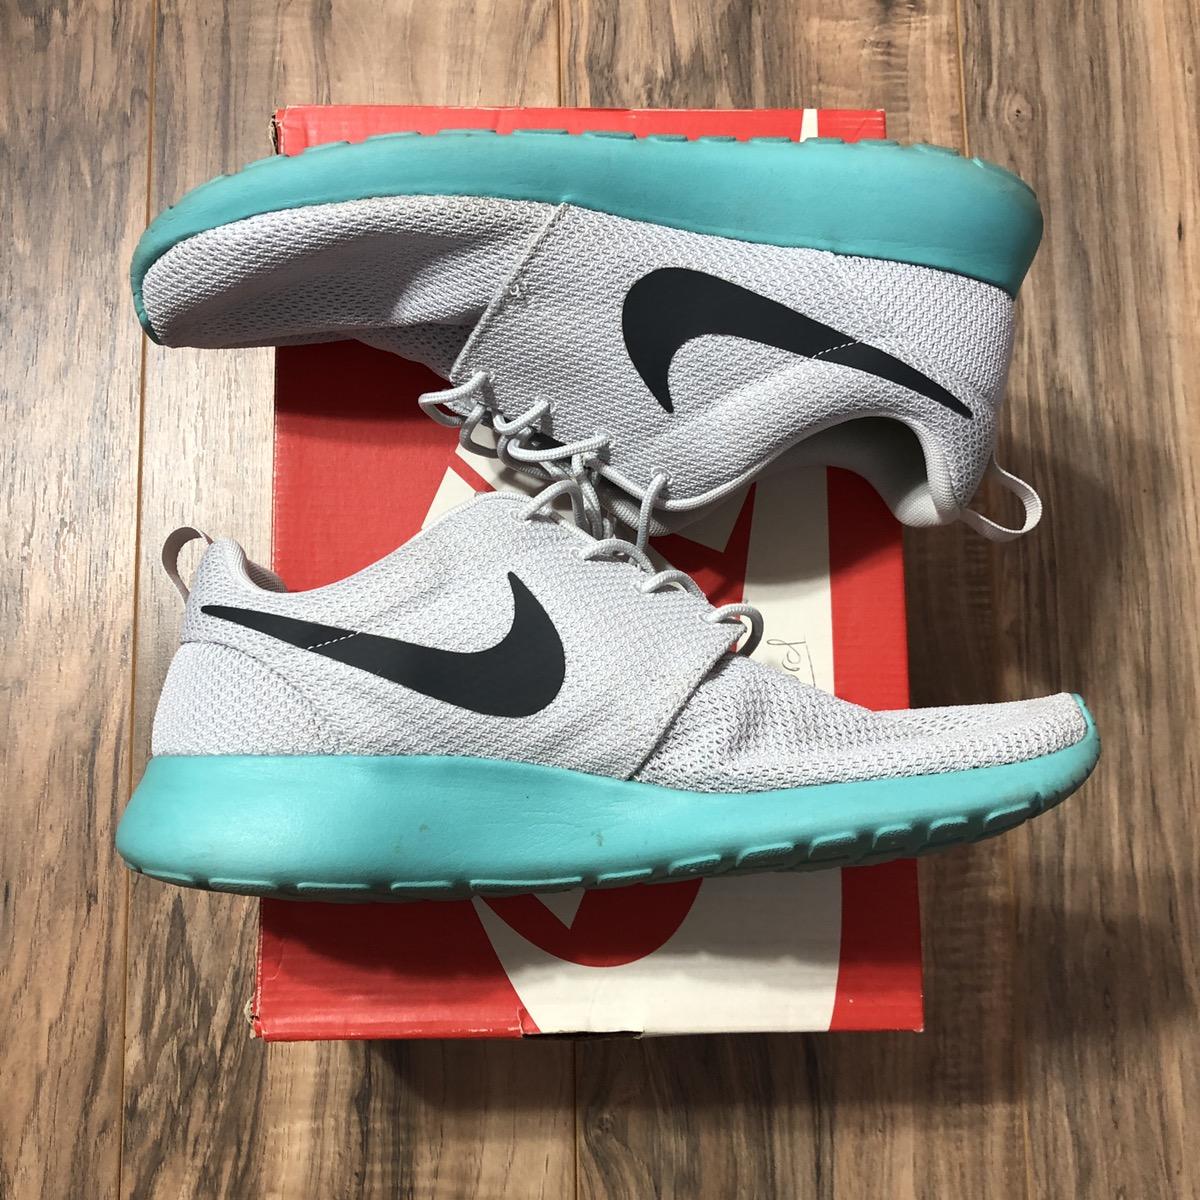 Nike Nike Roshe Run One Calypso Sz 10.5